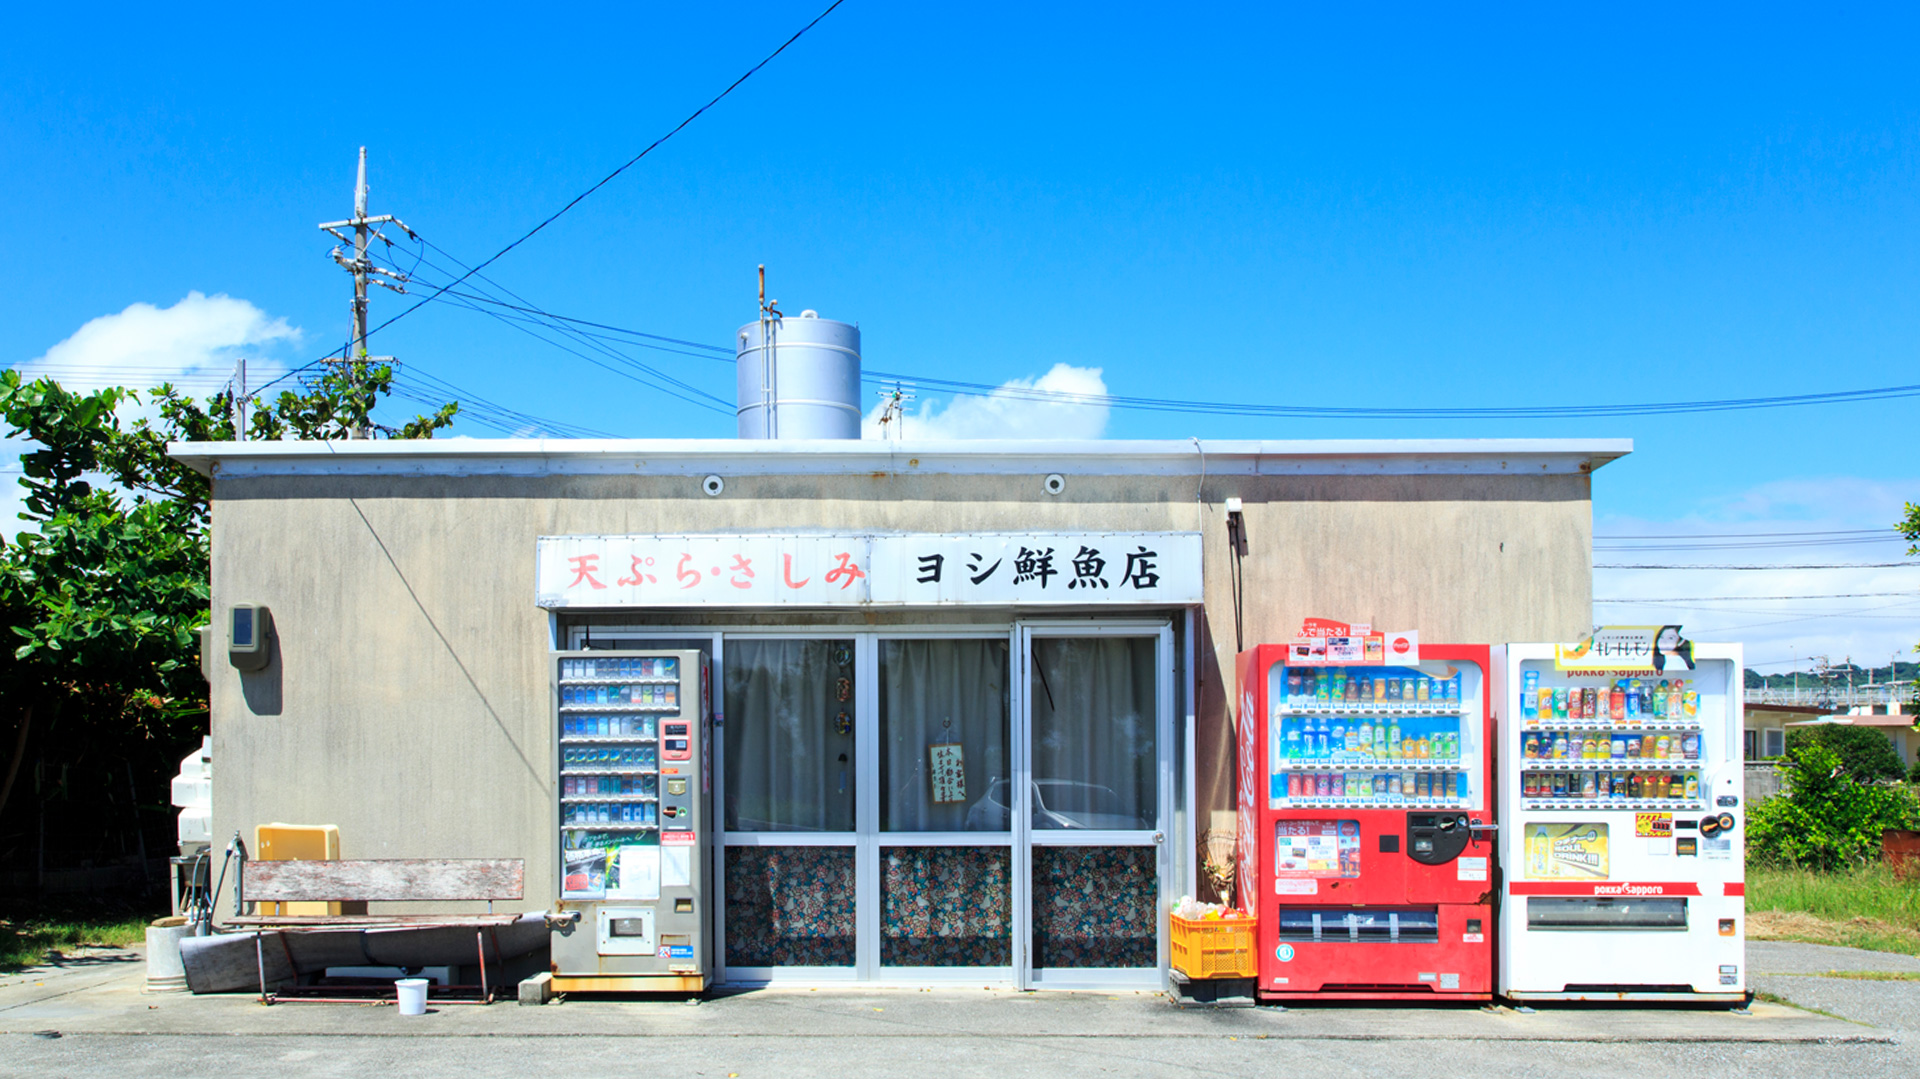 yoshi鲜鱼店